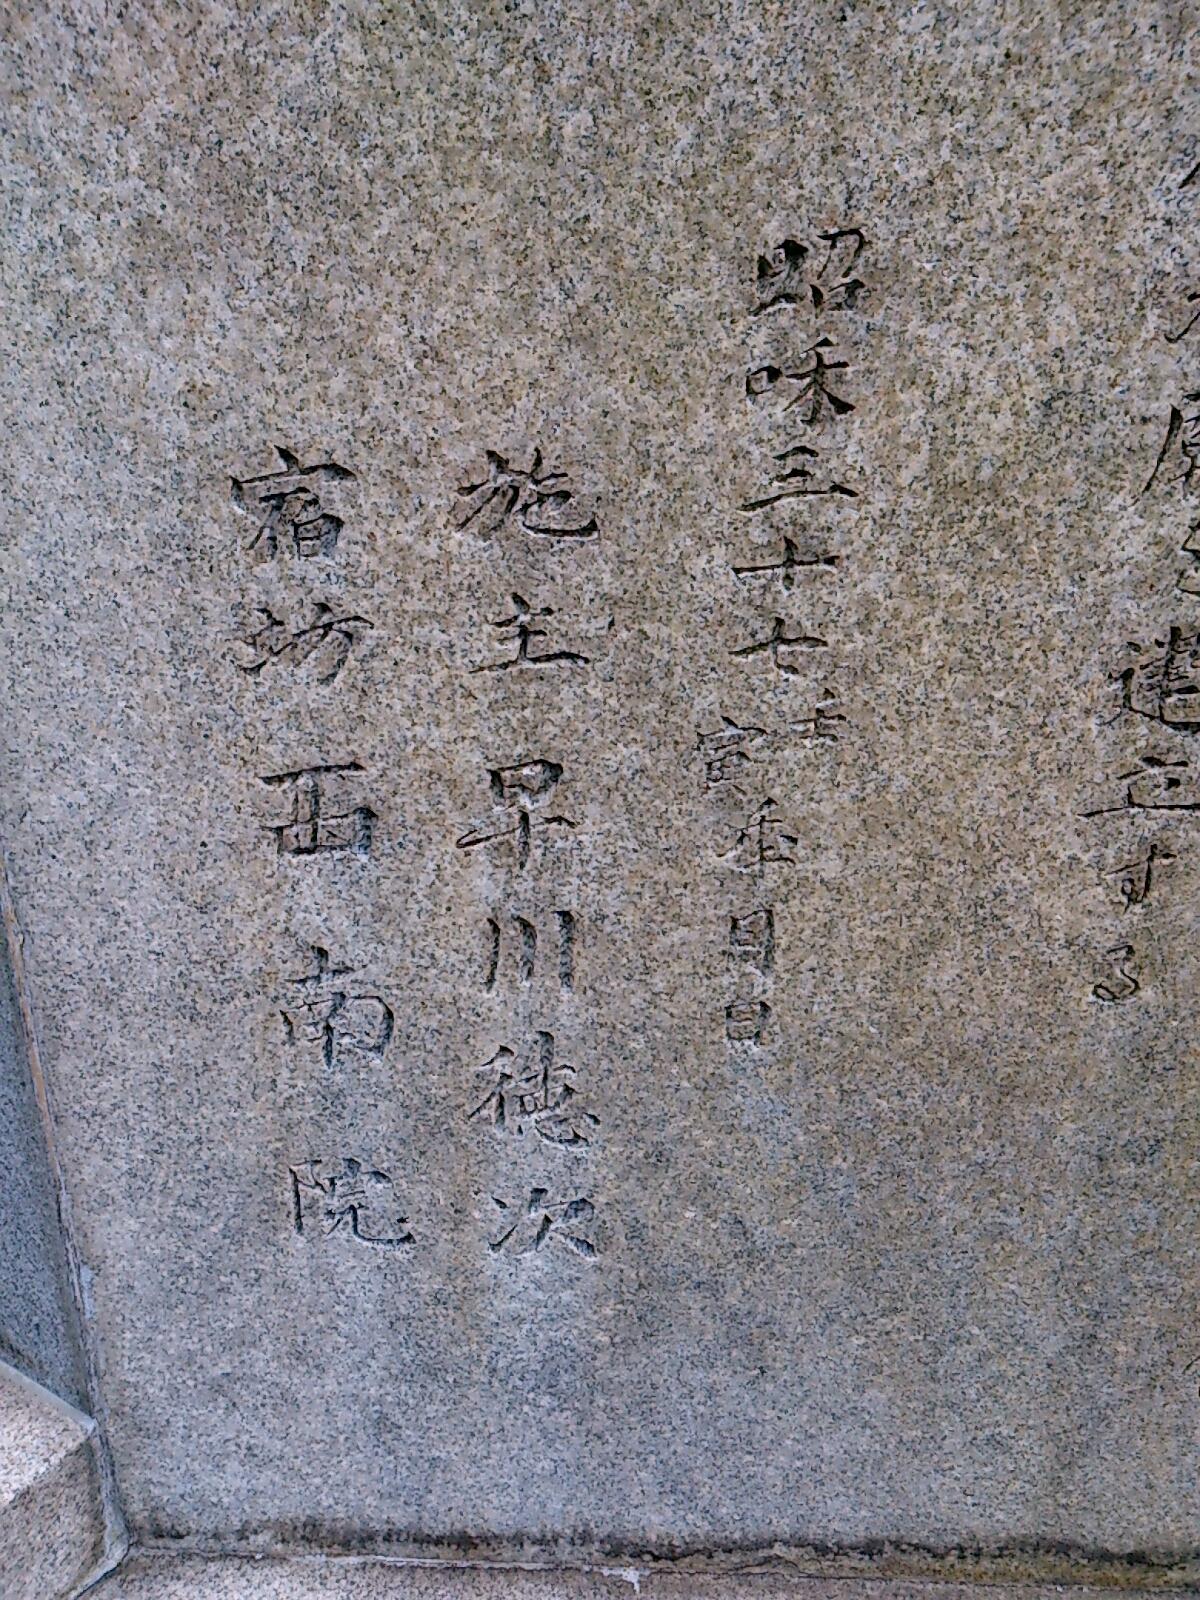 とある企業の総墓石碑